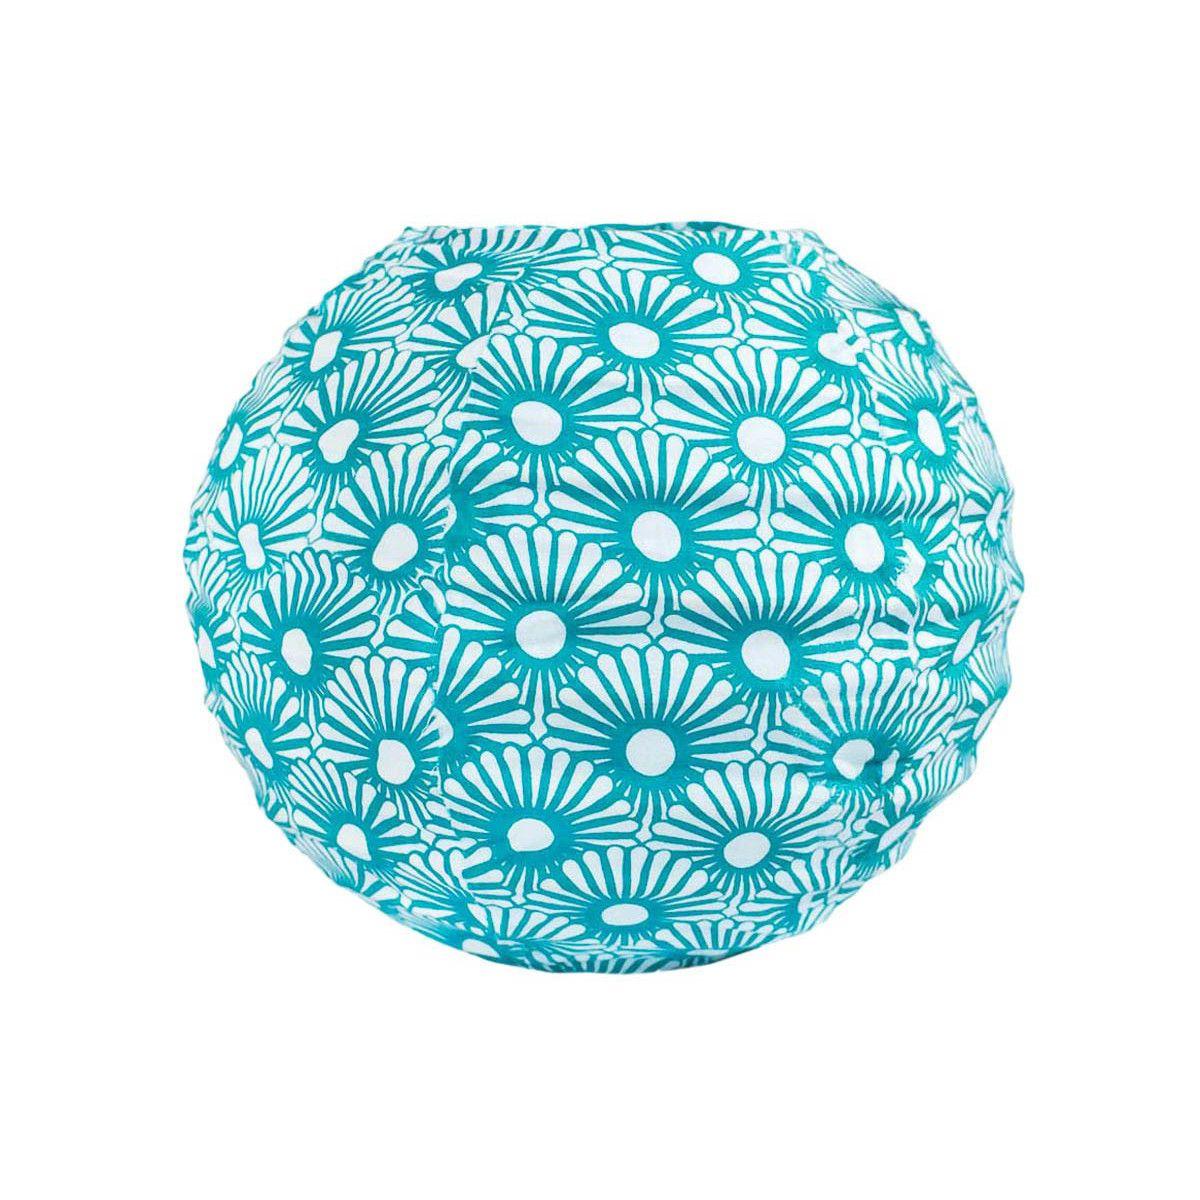 Lampion tissu boule japonaise mini rond bleu pétrole